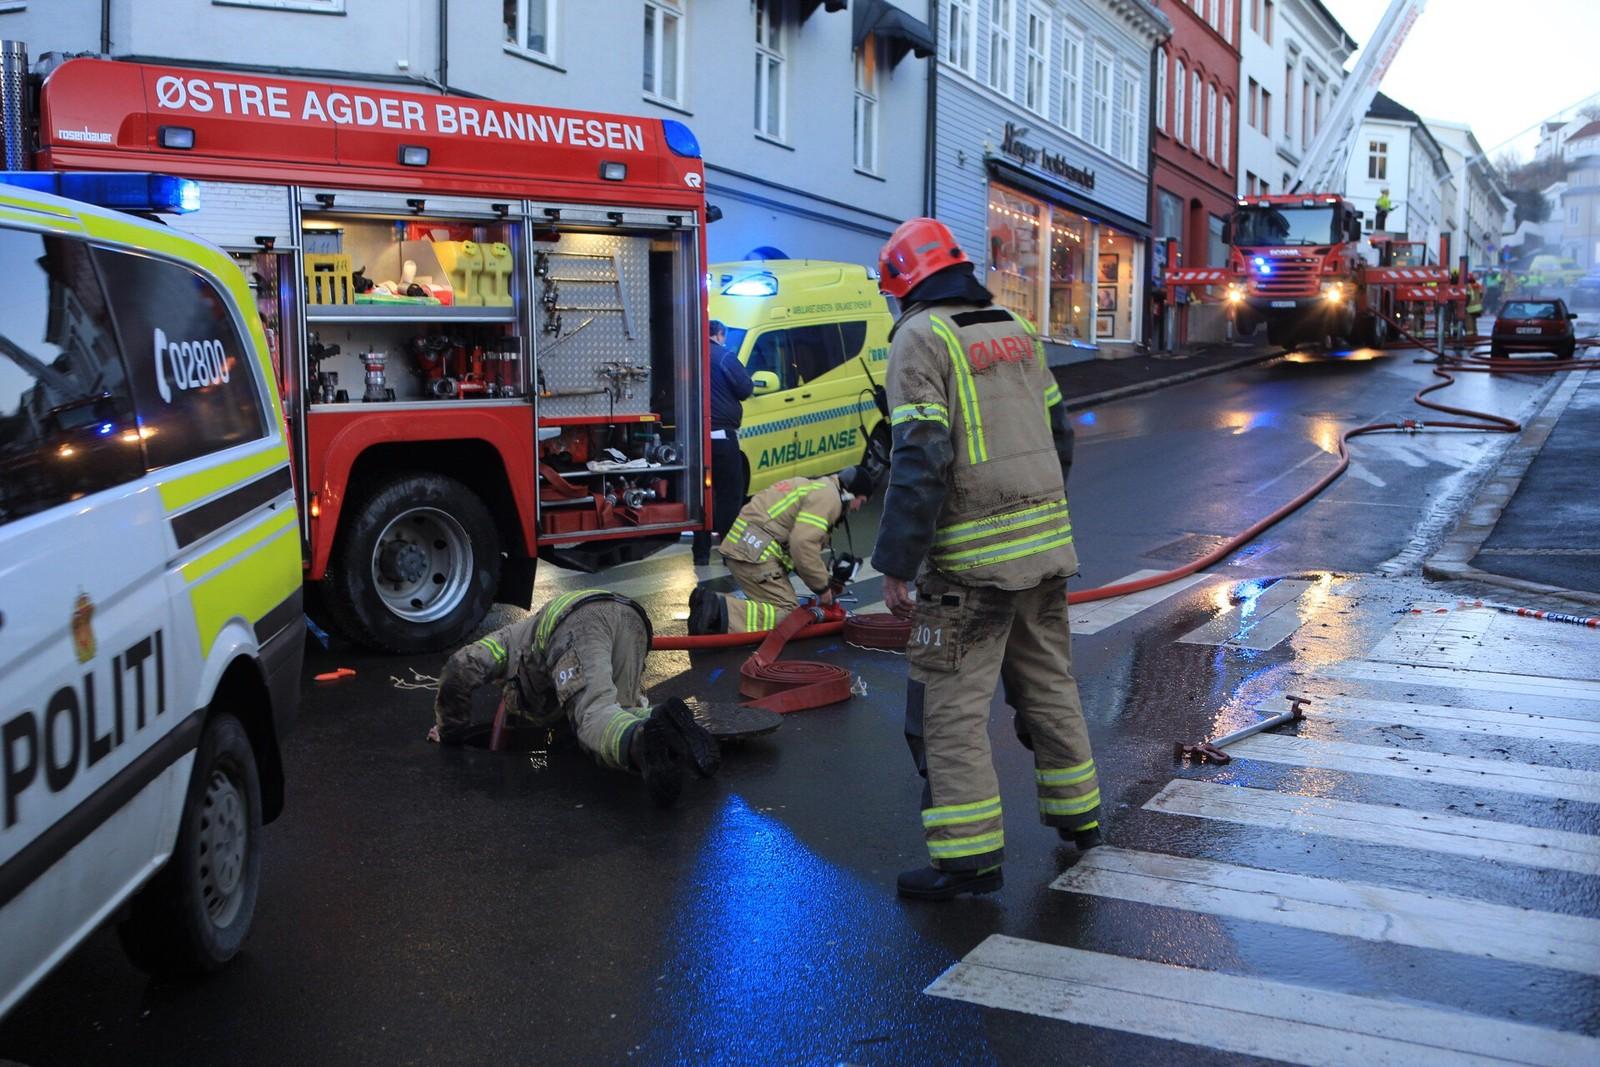 Brannslukking i Arendal sentrum.